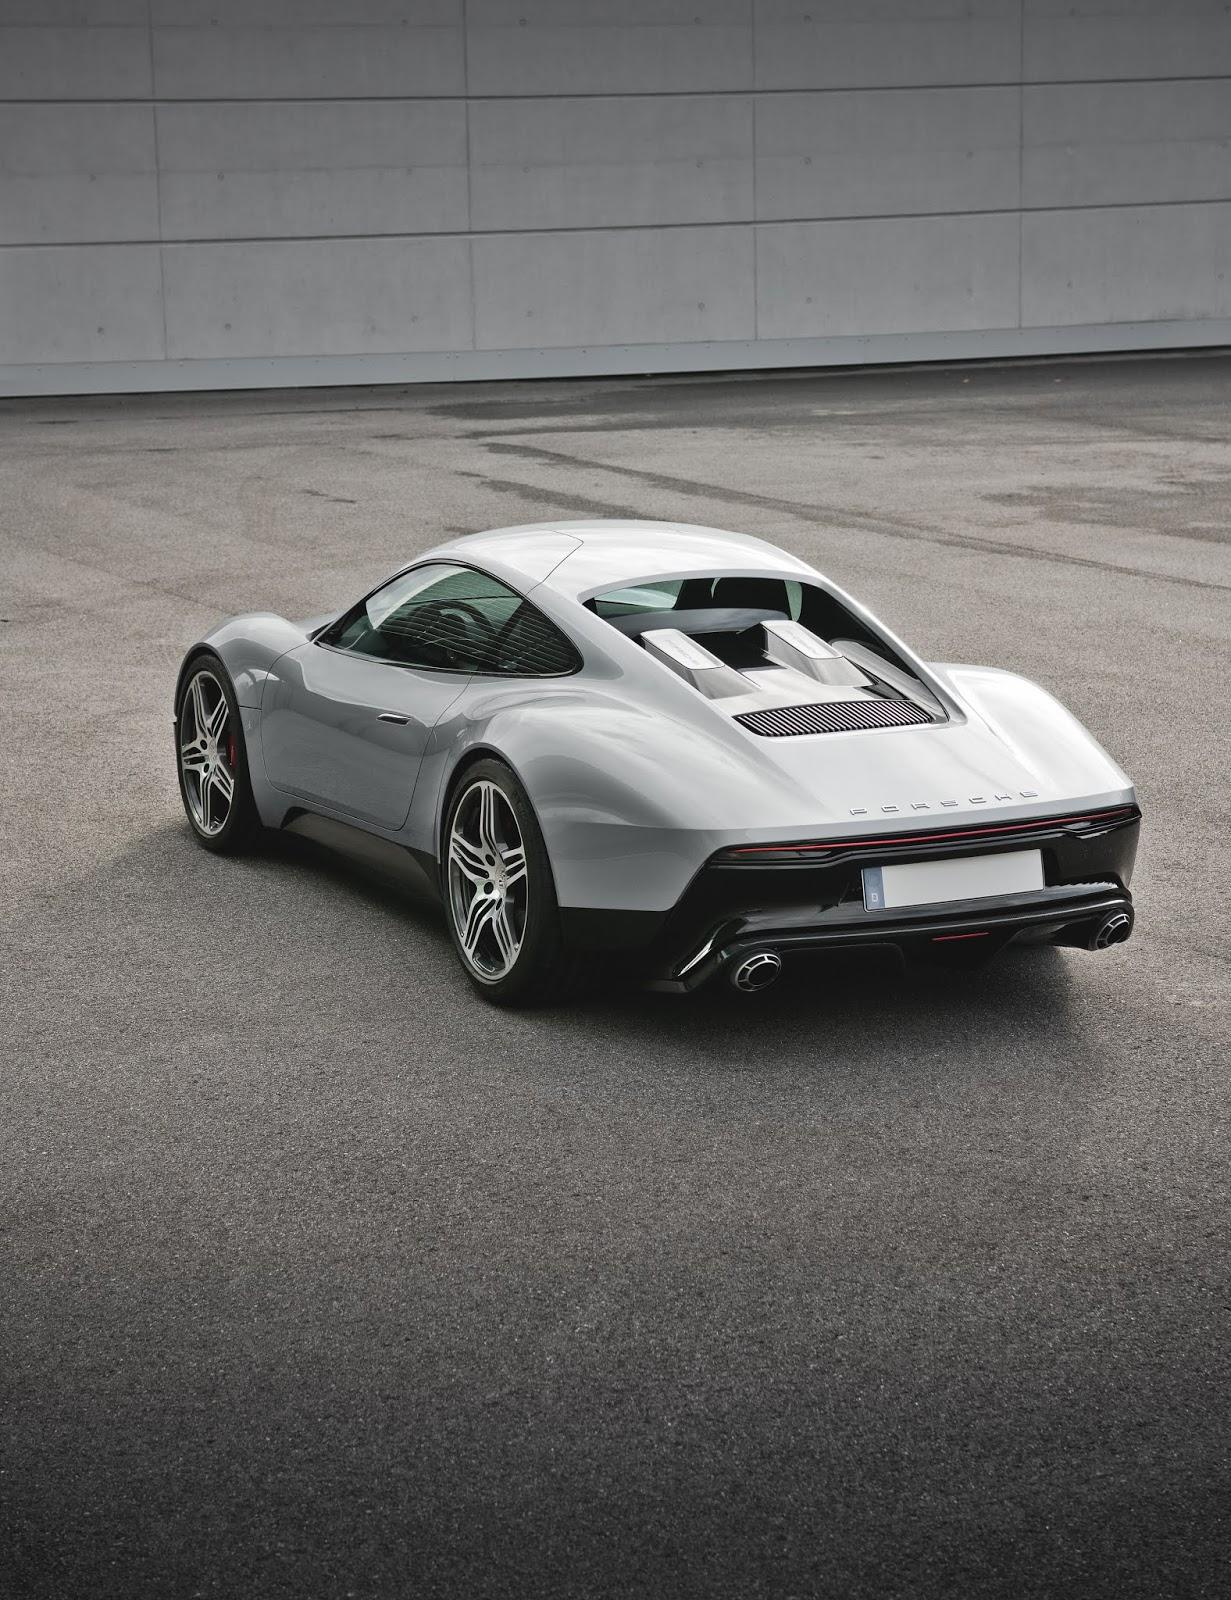 CUR7329 Η 904 Living Legend, που μας πήρε τα μυαλά Little Rebels, Porsche, Porsche 904 Living Legend, Porsche Unseen, supercar, supercars, zblog, ειδήσεις